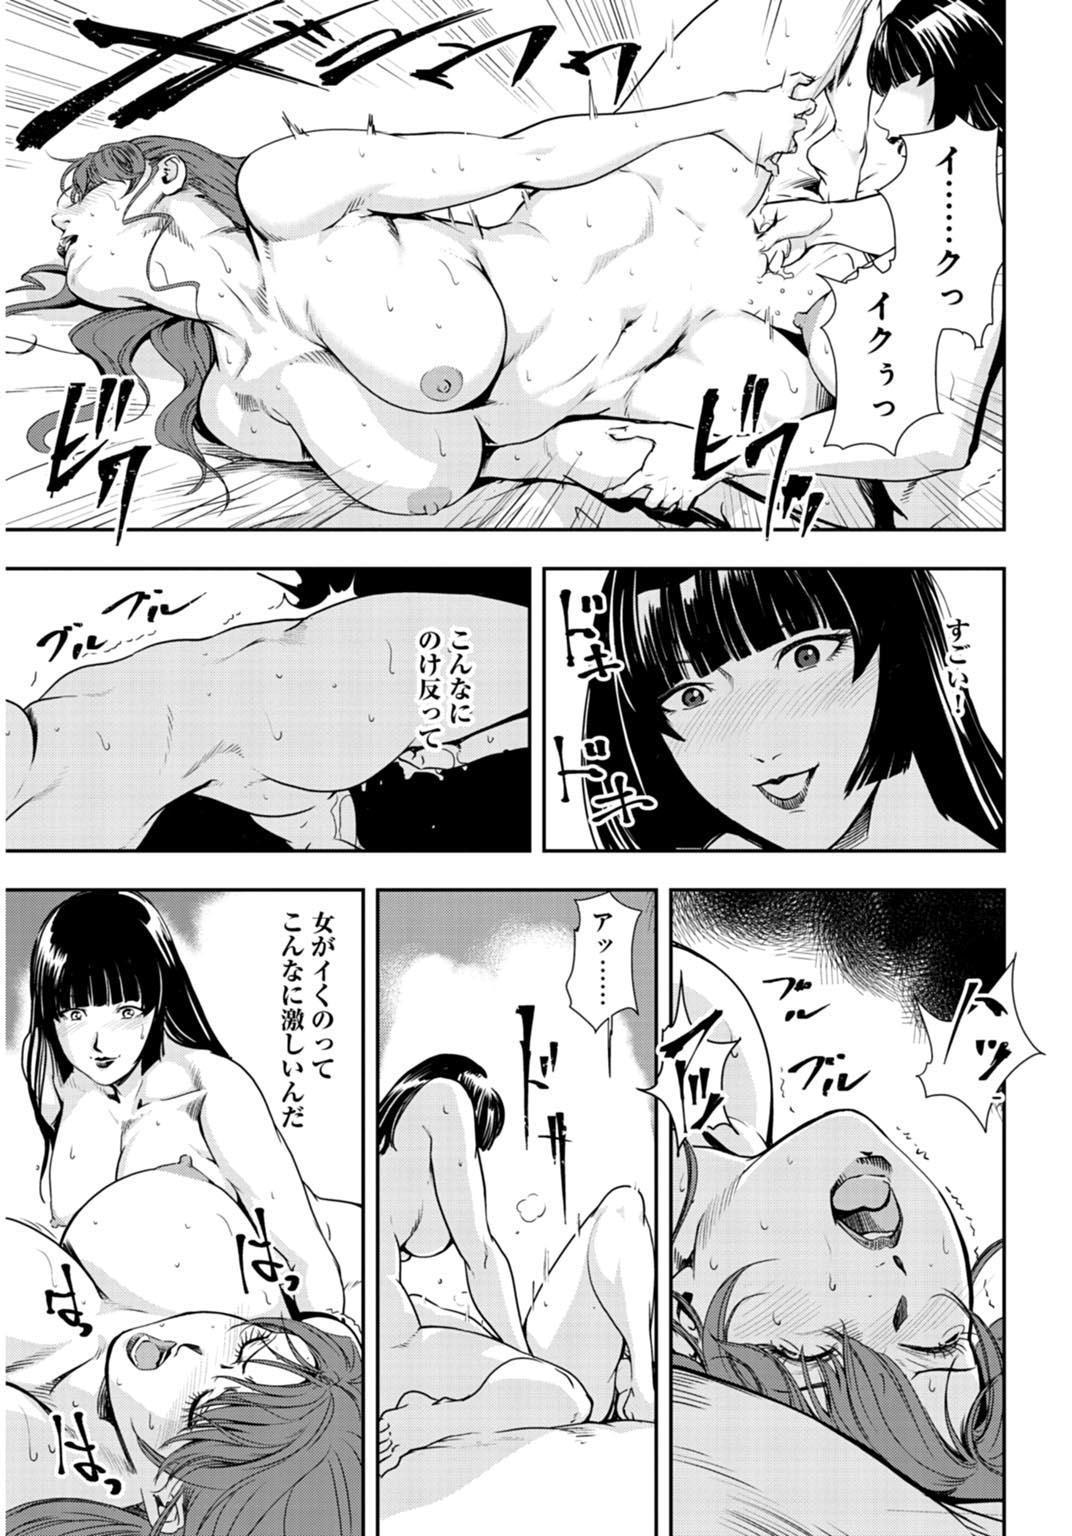 Nikuhisyo Yukiko 26 47